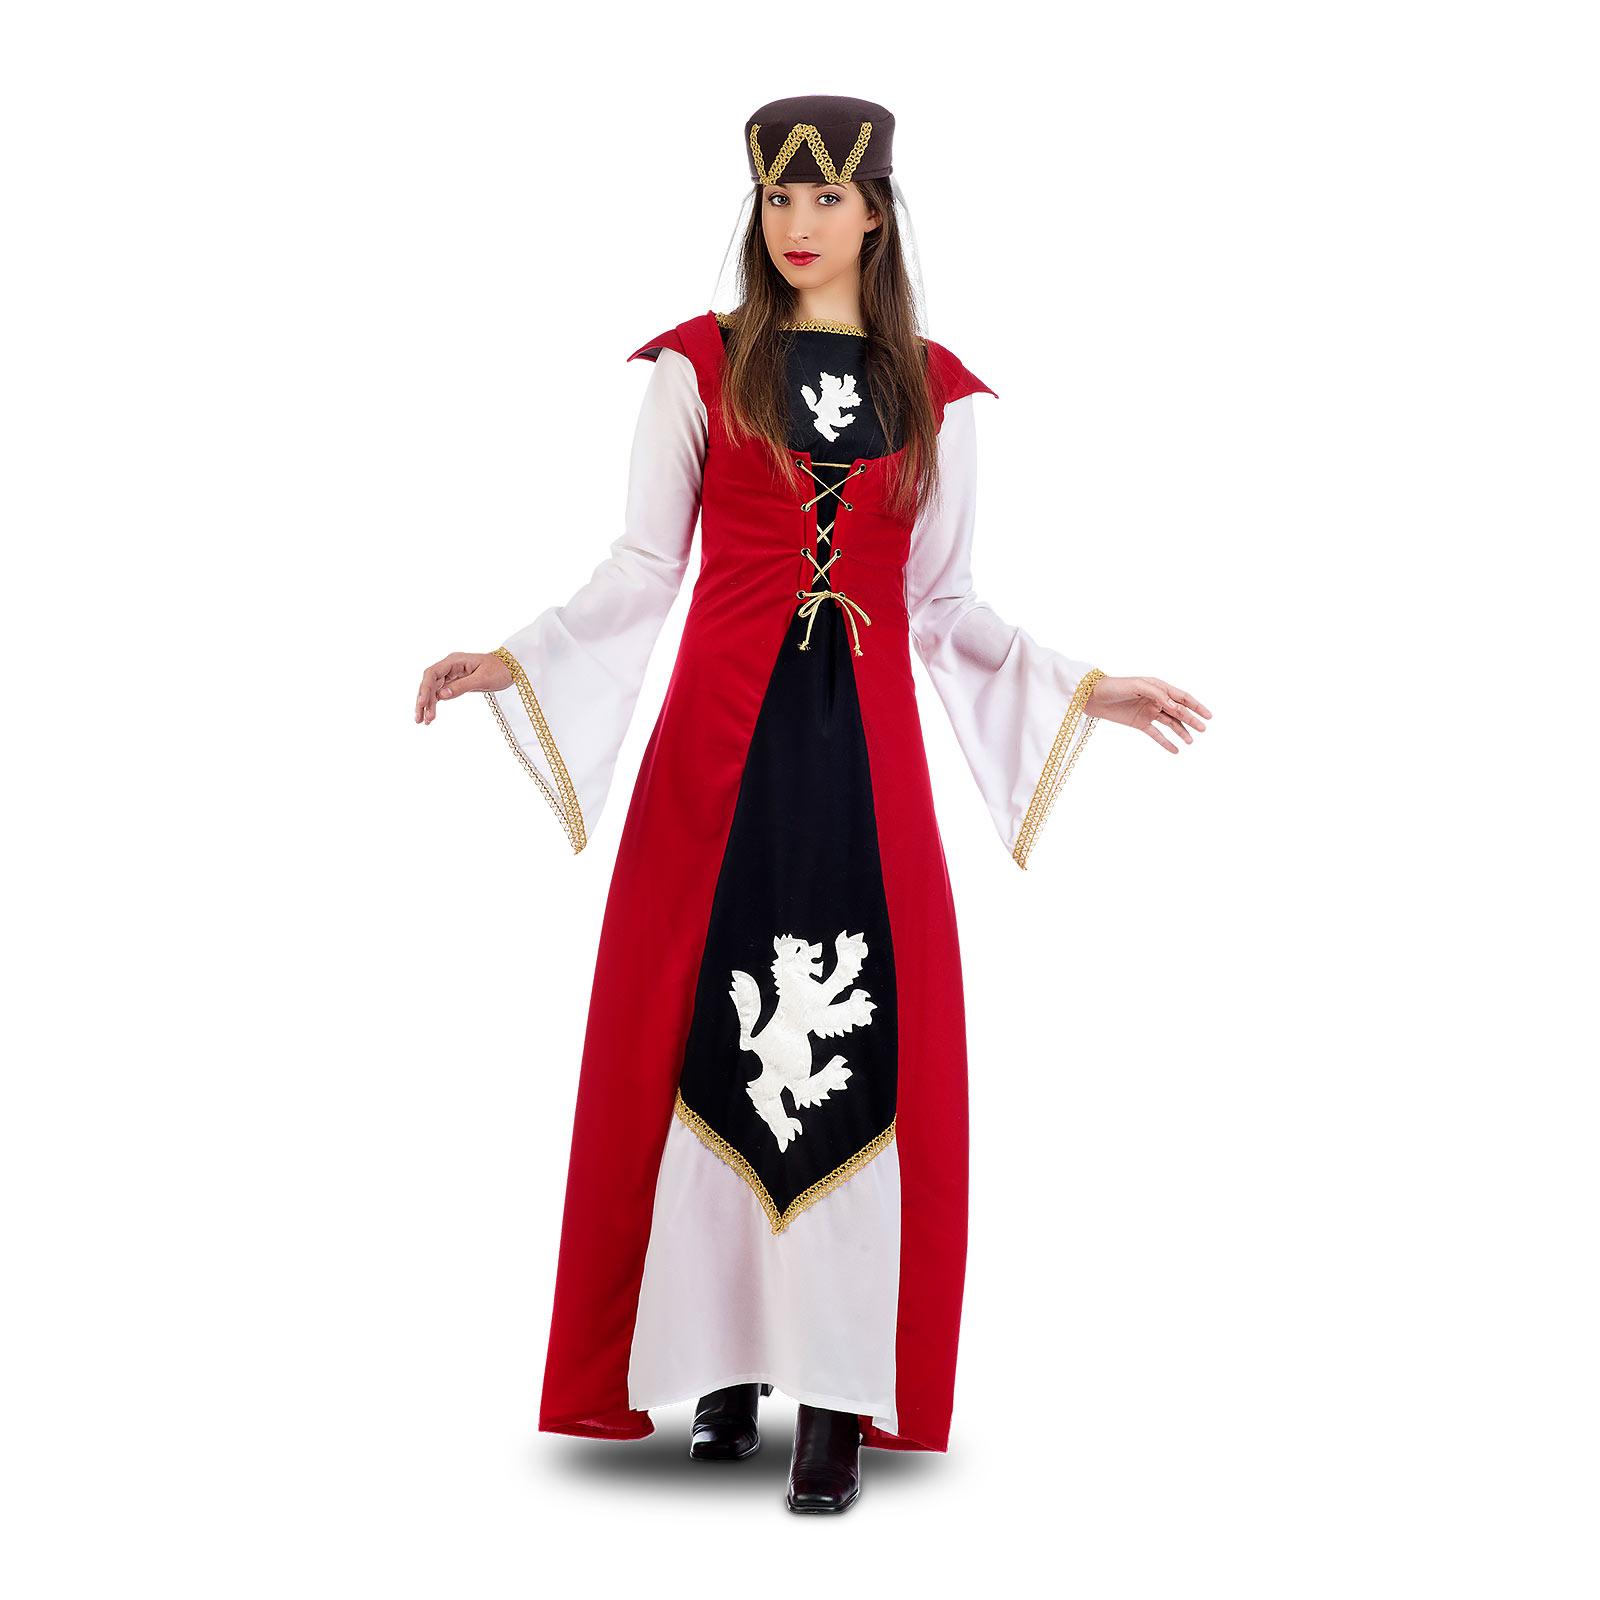 Mittelalter Edelfräulein Löwenherz - Kostüm Damen